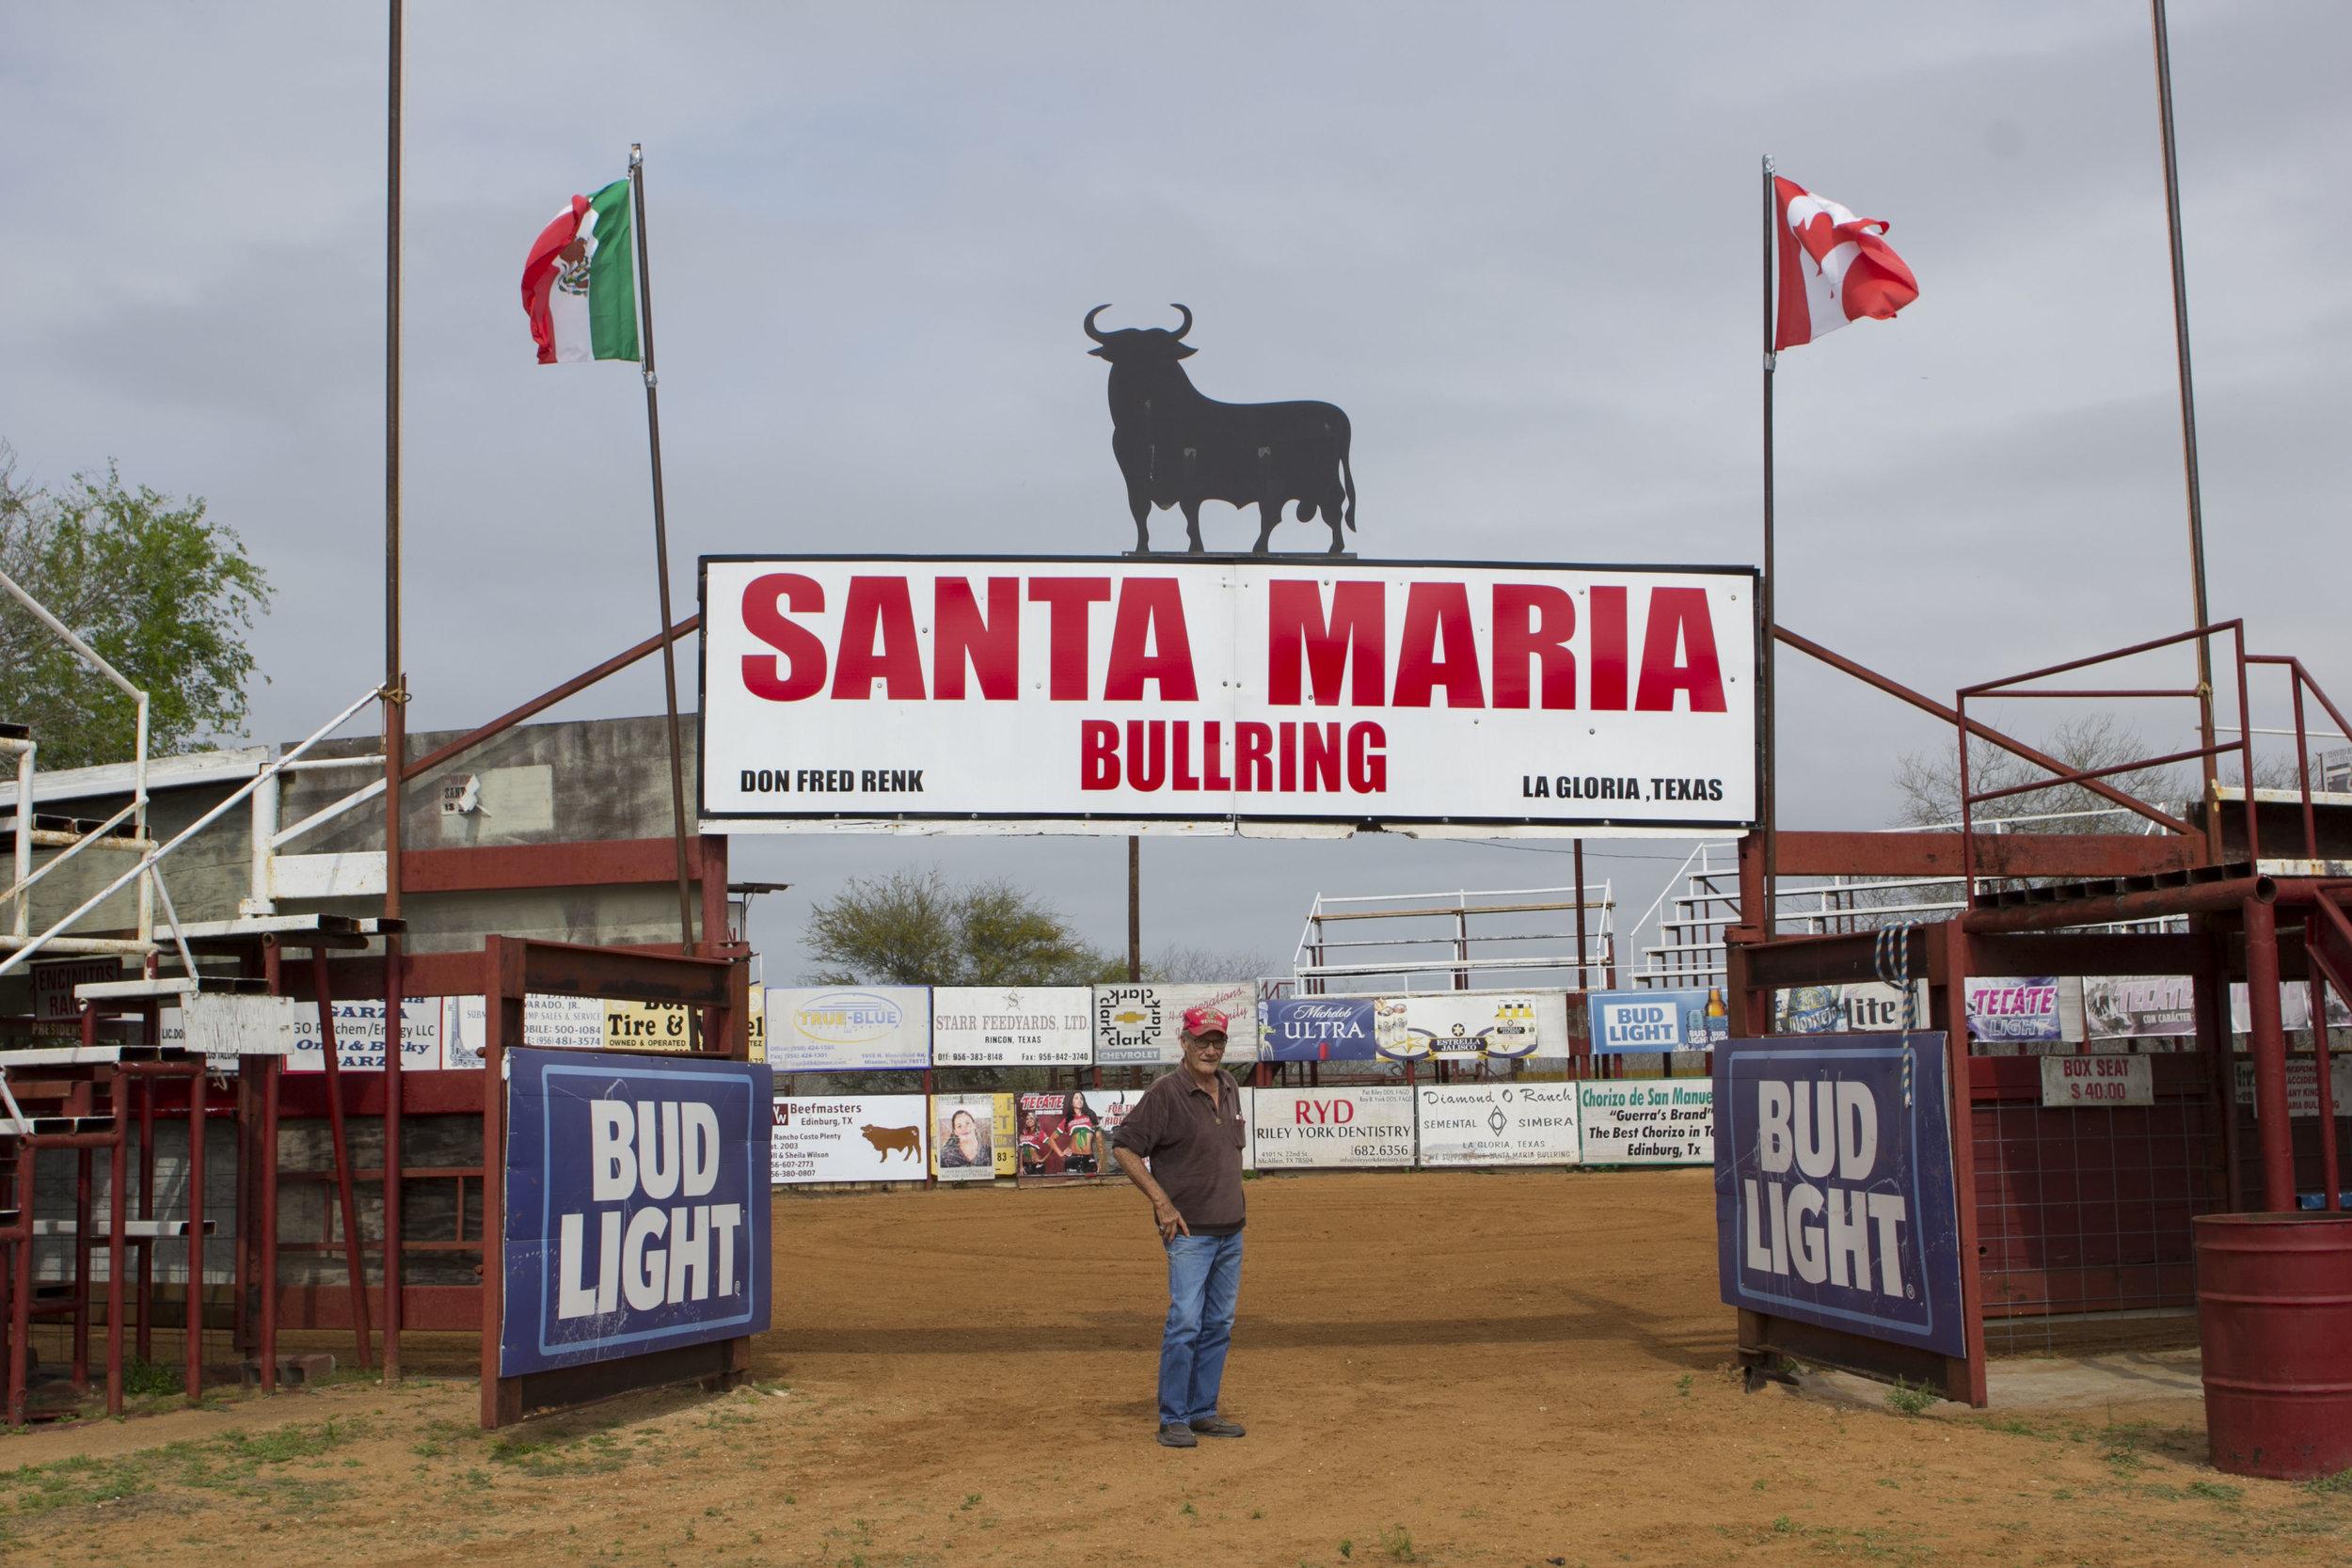 Matador-SantaMaria-Bullring.jpg